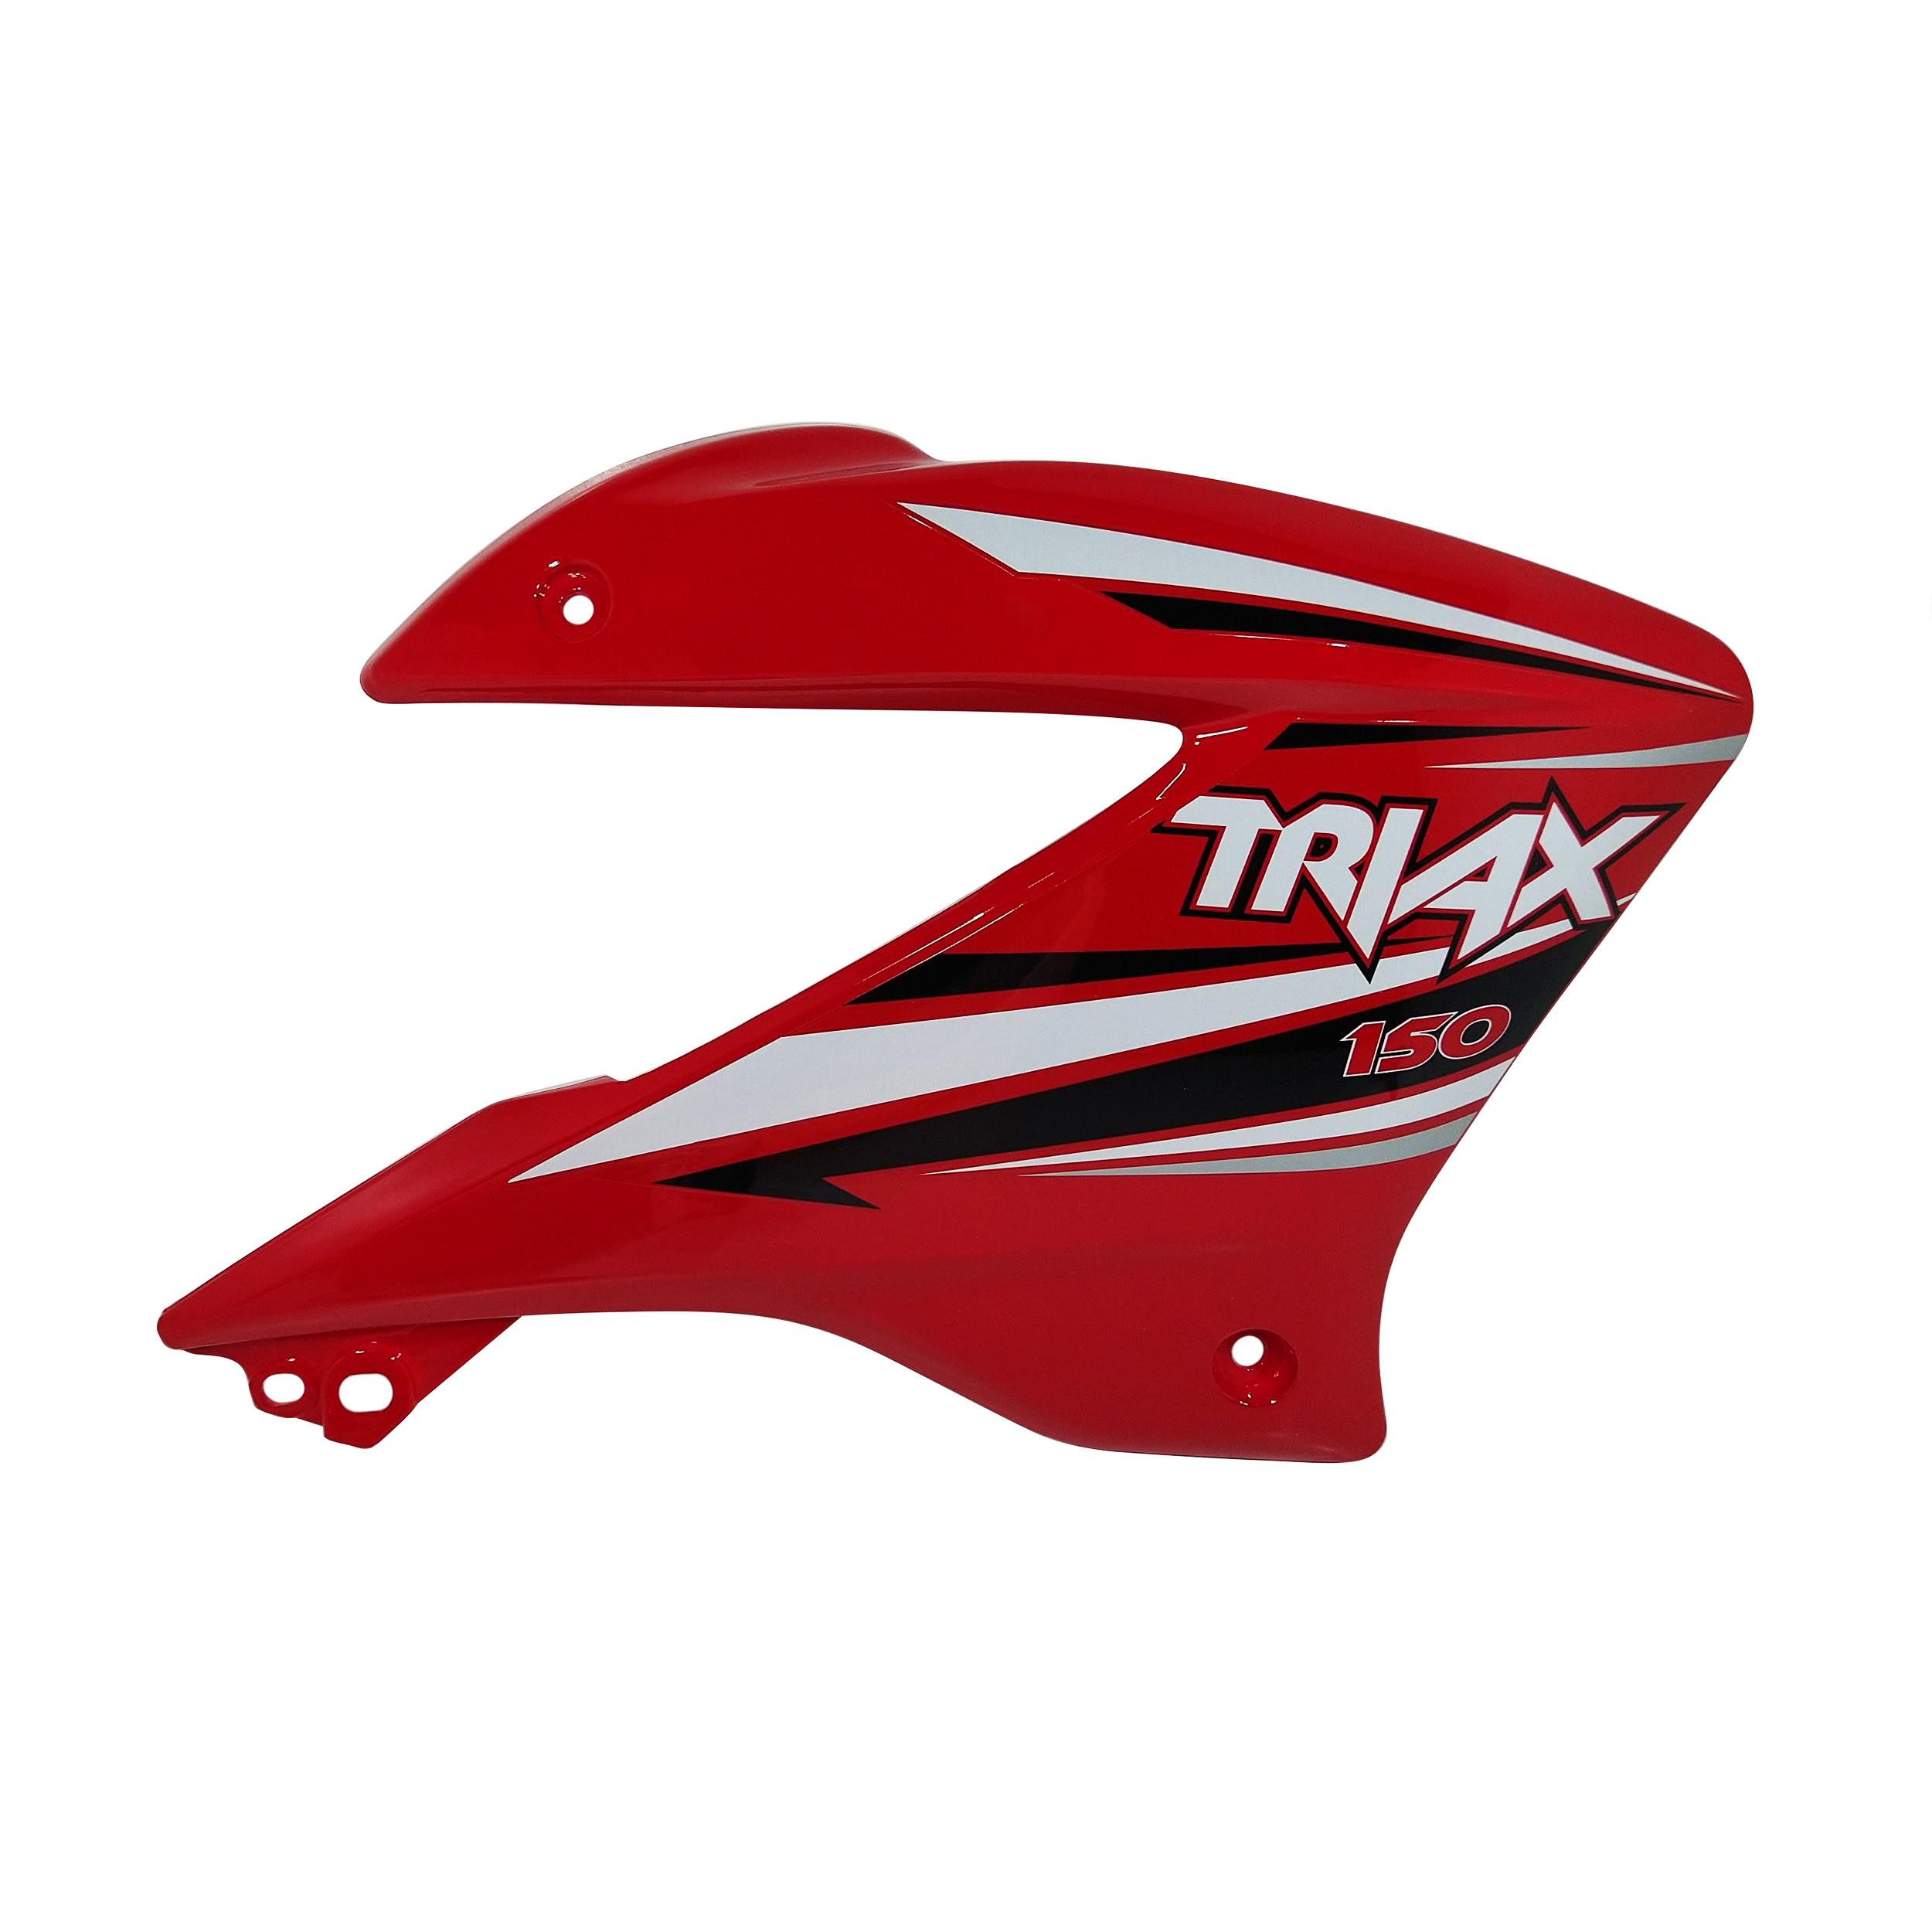 Deflector Tanque Derecho Rojo Corven Triax 150 Modelo Nuevo